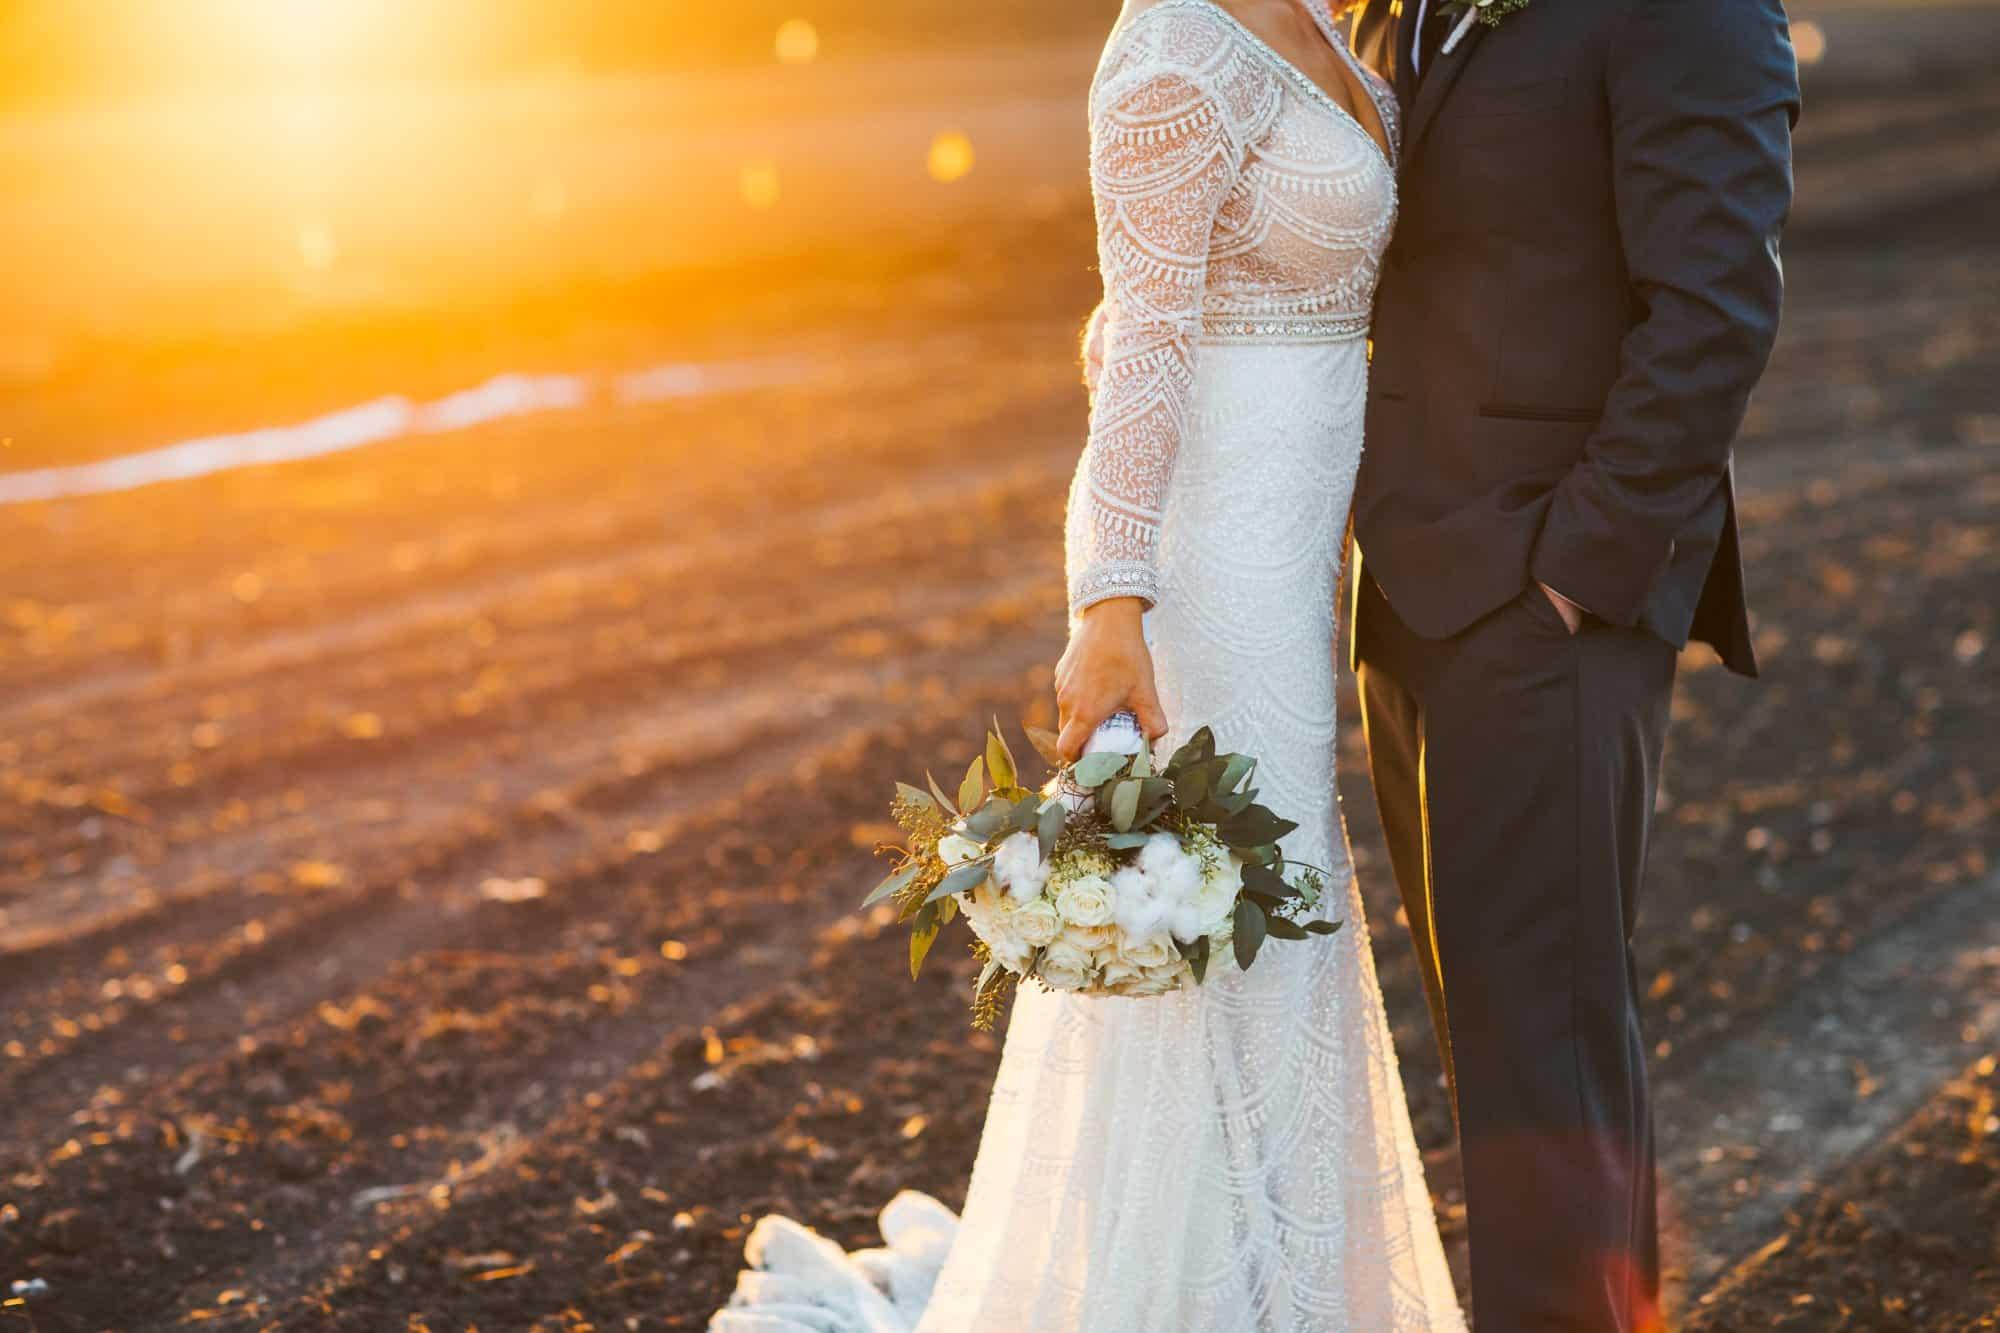 Wedding photos at sunset on a farm